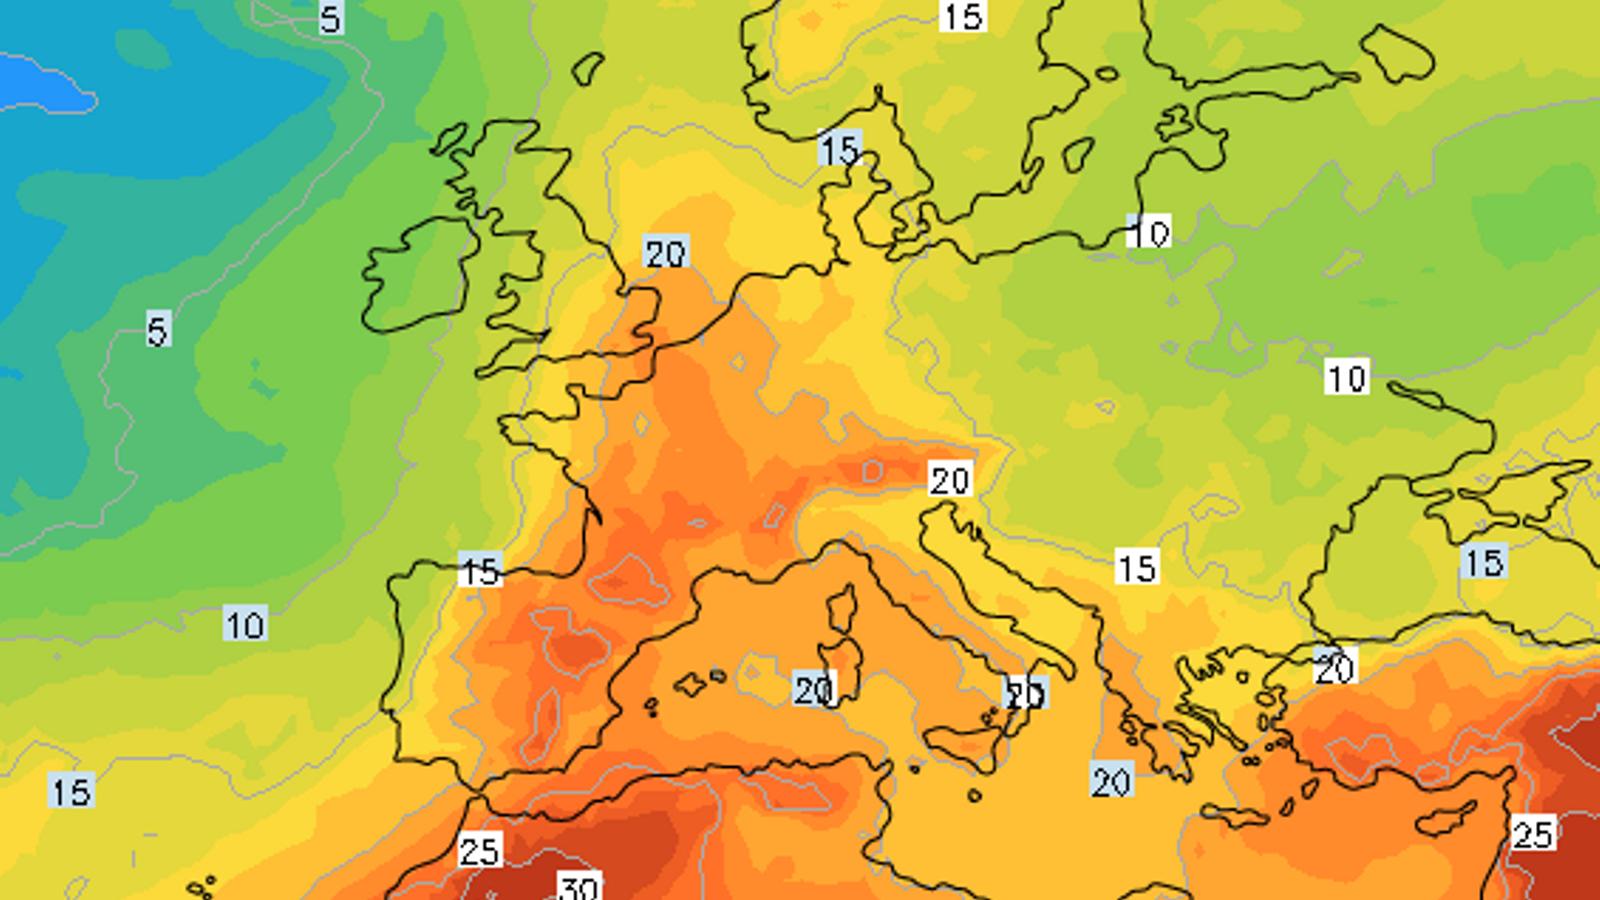 Una segona onada de calor forta afectarà Europa la setmana que ve